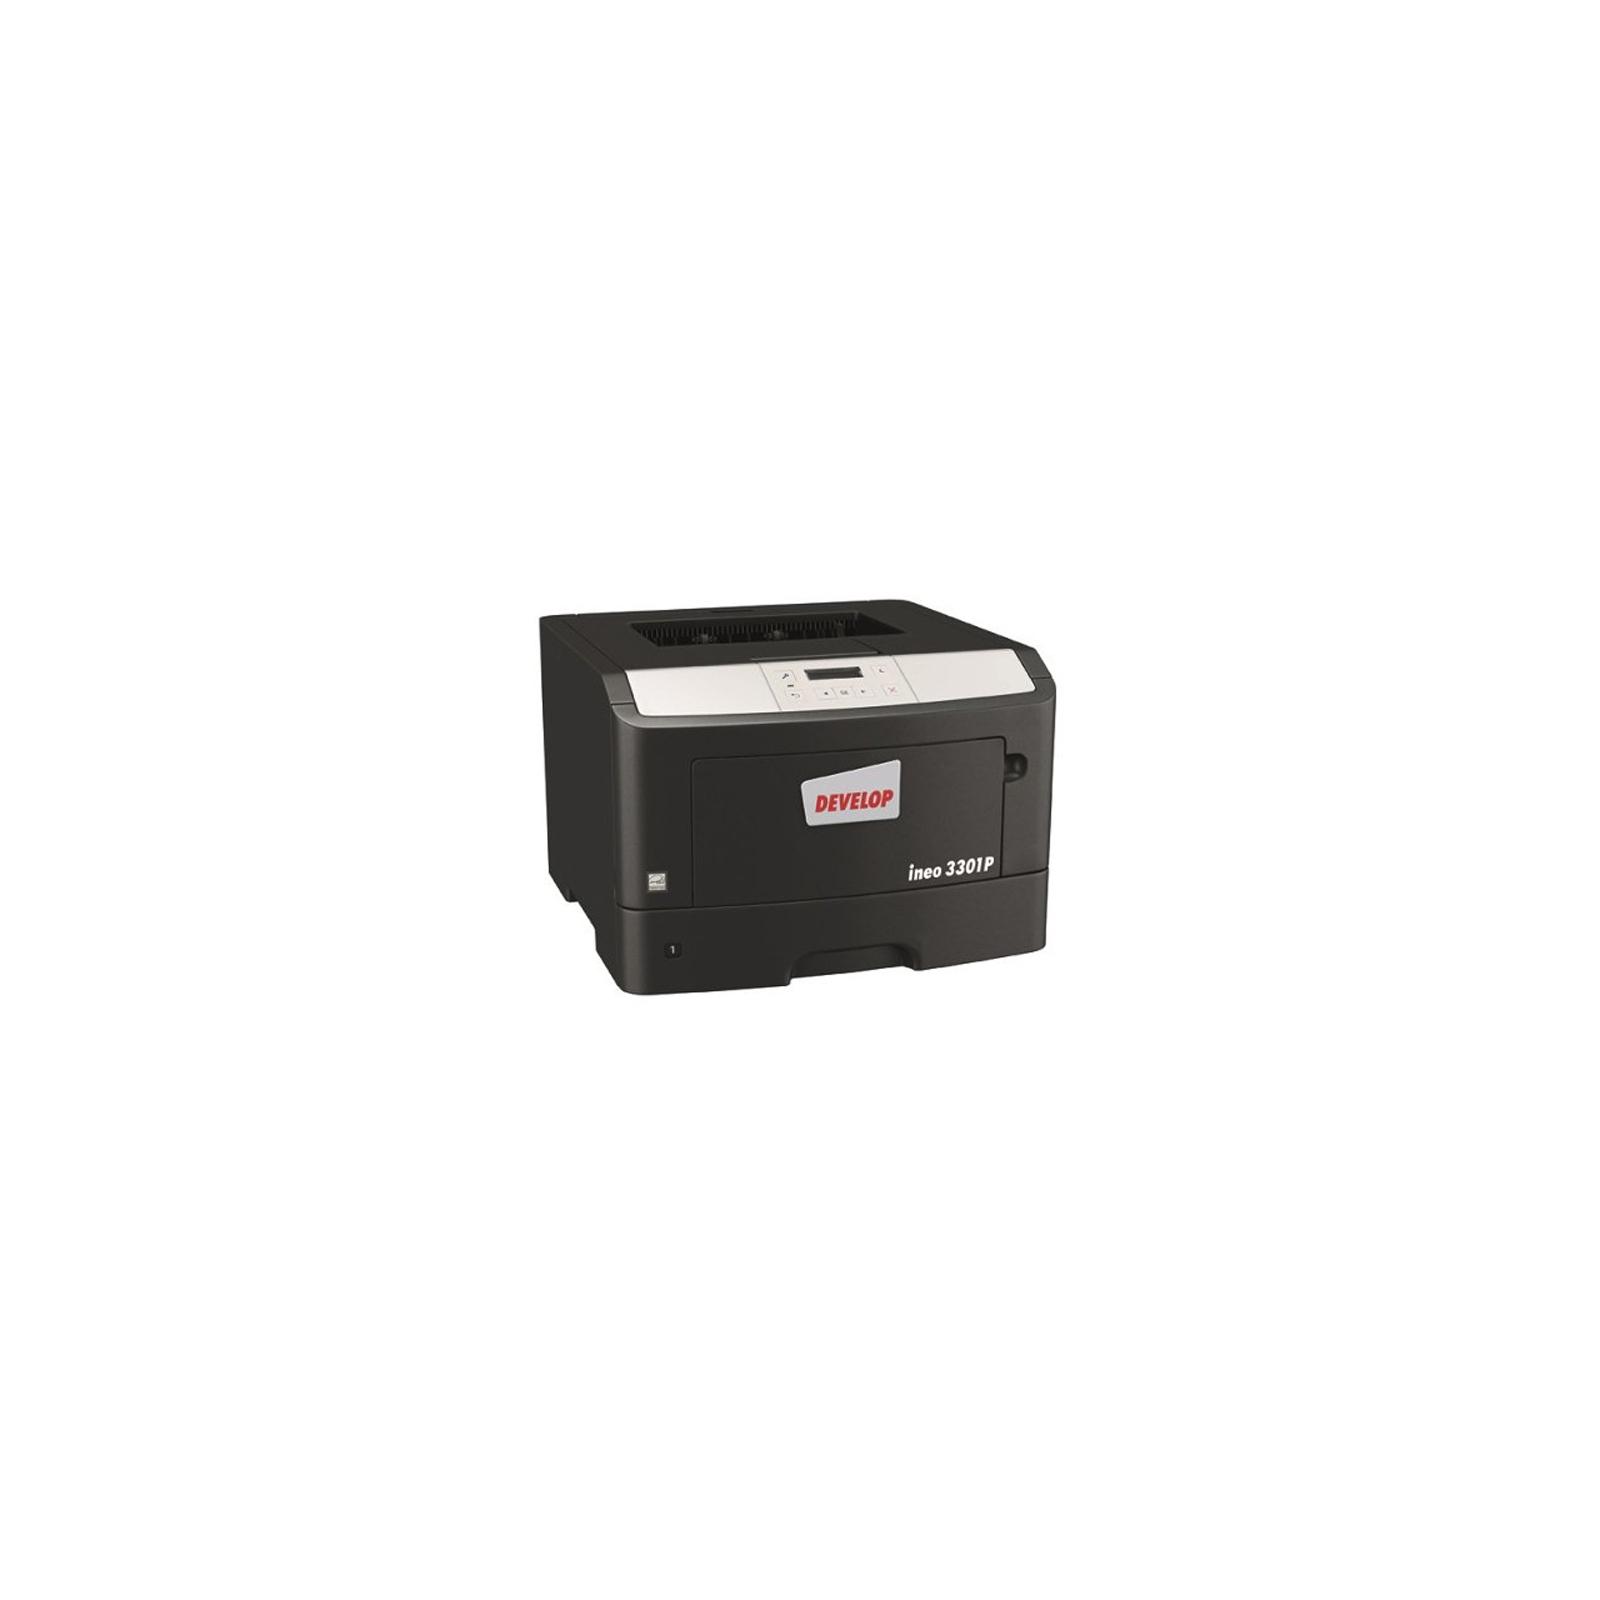 Лазерный принтер Develop ineo 3301p (4827000318) изображение 2